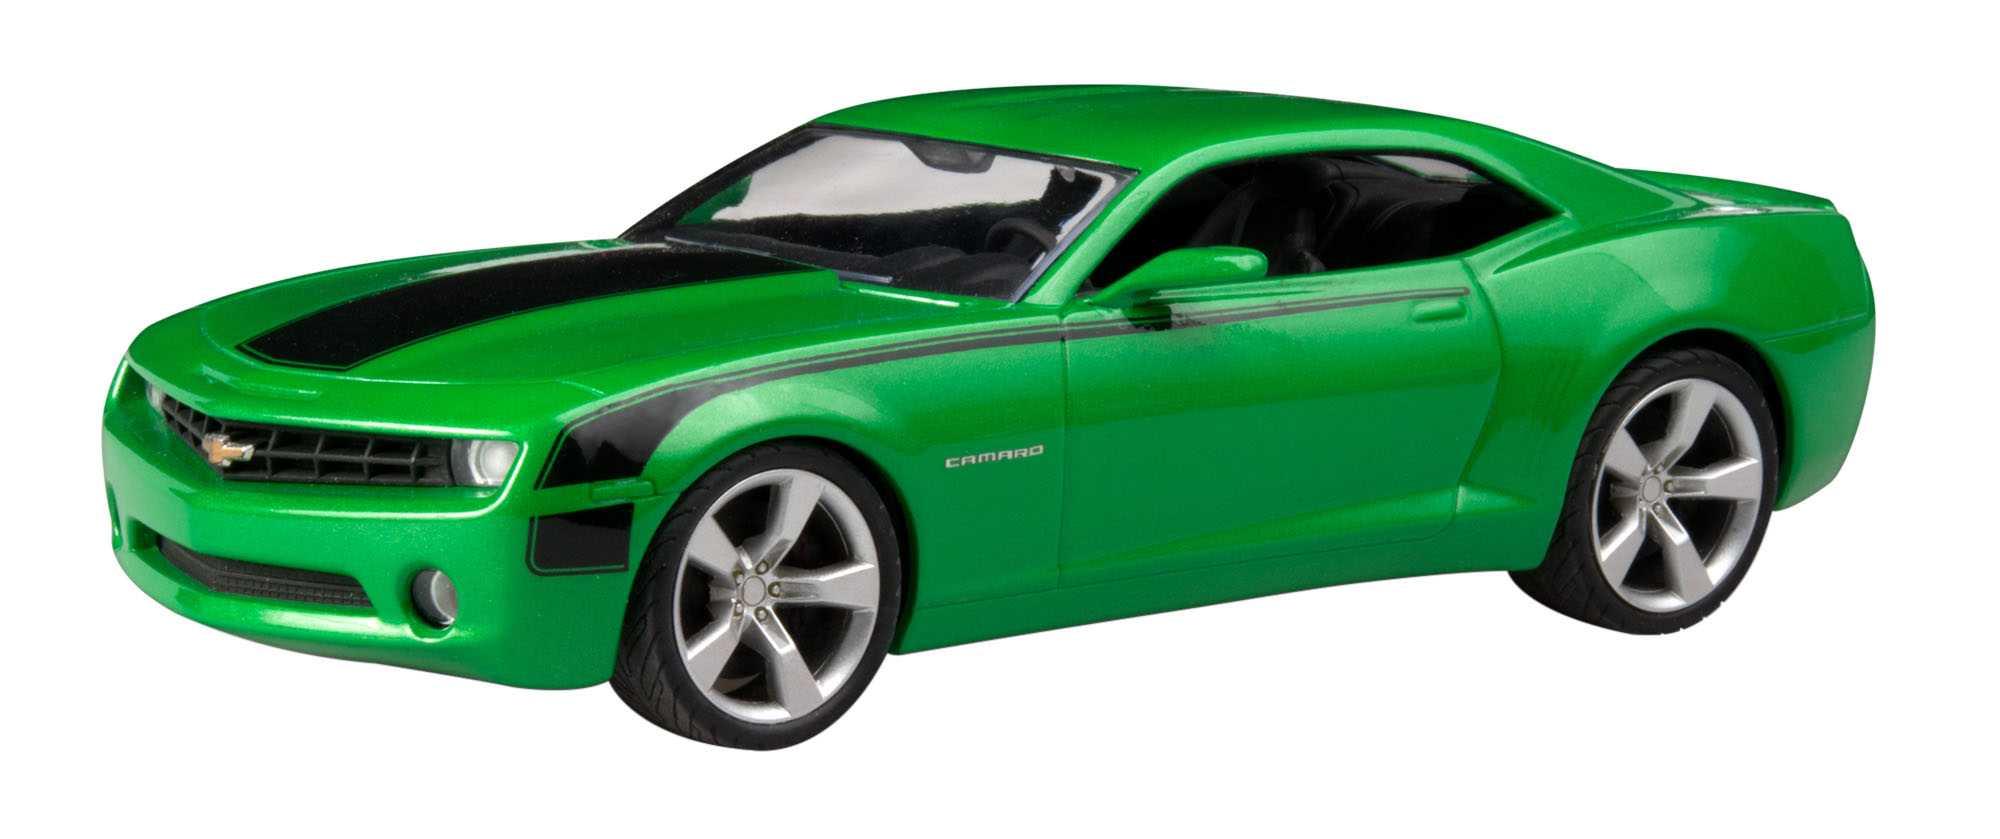 1:25 Camaro Concept Car